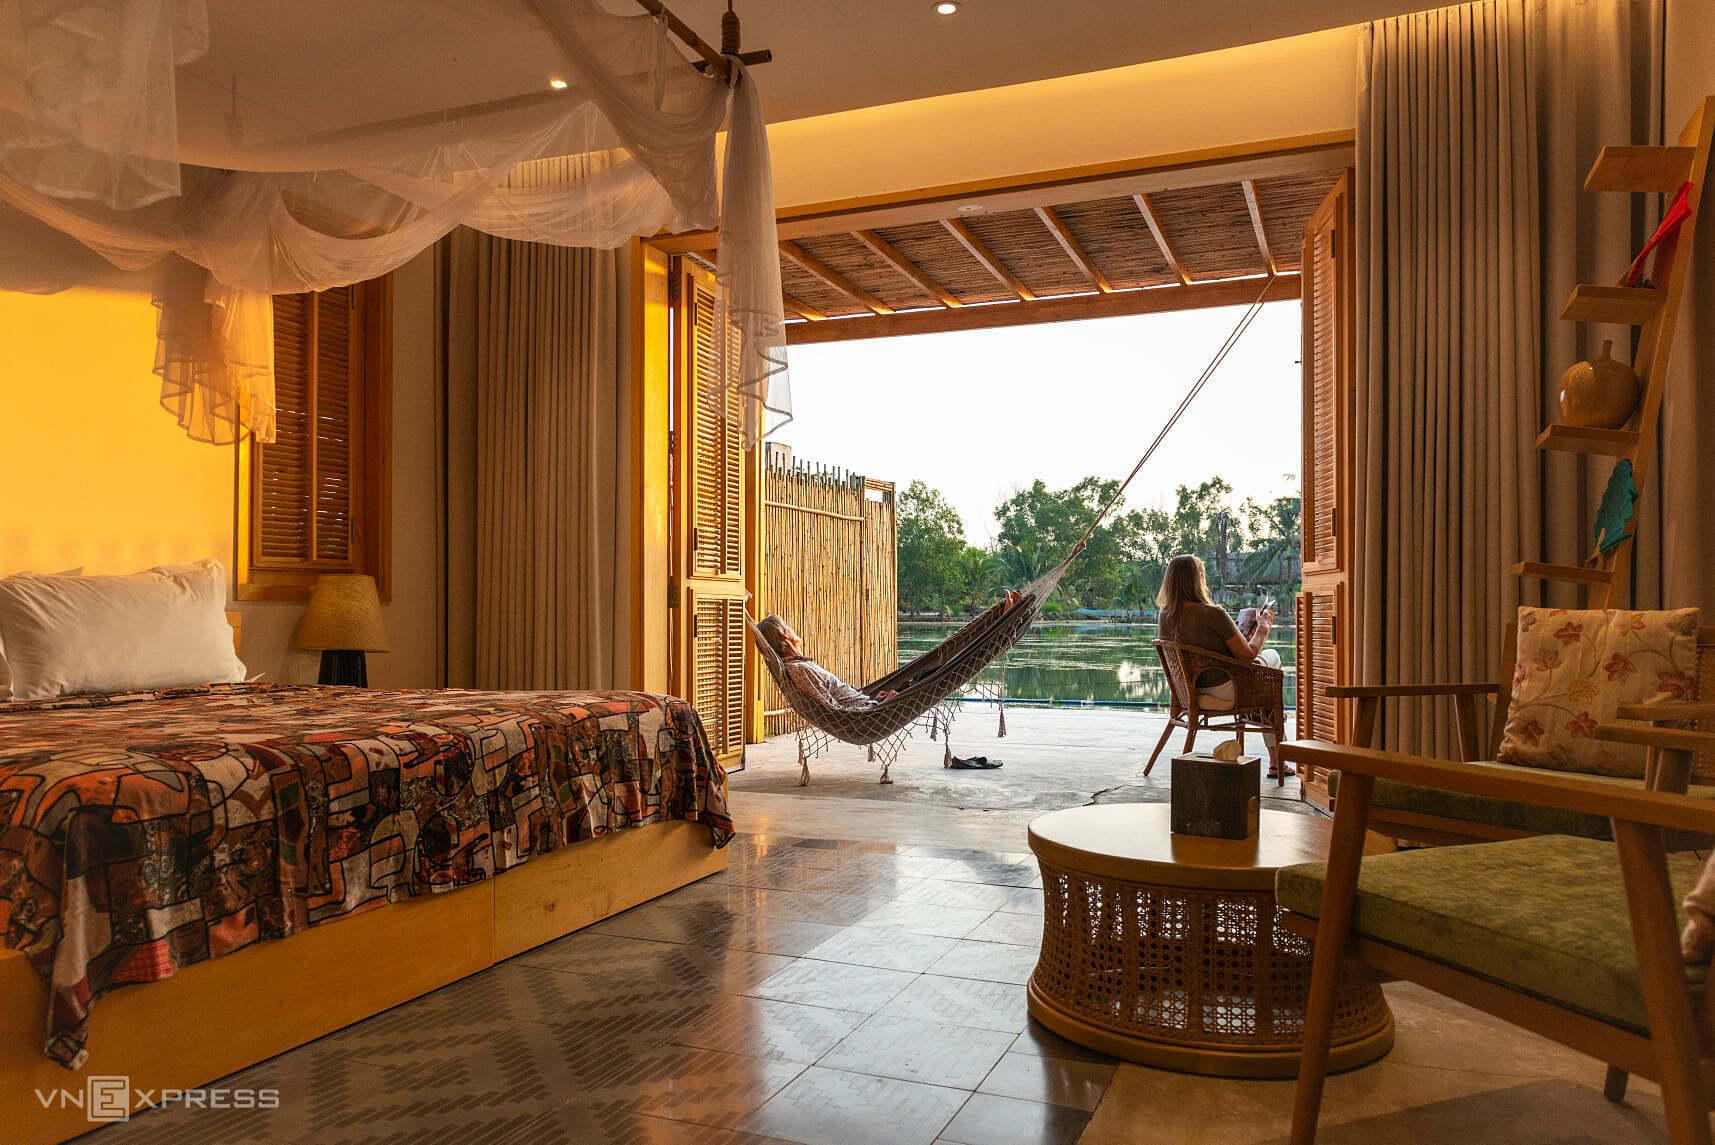 Tại đây chỉ có 7 phòng nghỉ dưỡng, phục vụ cho một số lượng khách nhất định để đảm bảo sự riêng tư. Các căn lều được thiết kế theo phong cách eco, gần gũi với thiên nhiên. Do không có quá nhiều tiện ích xung quanh, nên nơi đây sẽ thích hợp cho những du khách muốn thư giãn tại nơi cách xa thành phố.Giá tại đây dao động 2,8 triệu đồng - 3,8 triệu đồng/ phòng/ đêm, tuỳ hạng phòng. Các điểm lưu trú cùng khu vực: The Mira Central Park Hotel 1,2 triệu đồng - 5 triệu đồng/ phòng/ đêm; Aurora Hotel 1,8 triệu đồng - 6,6 triệu đồng/ phòng/ đêm.